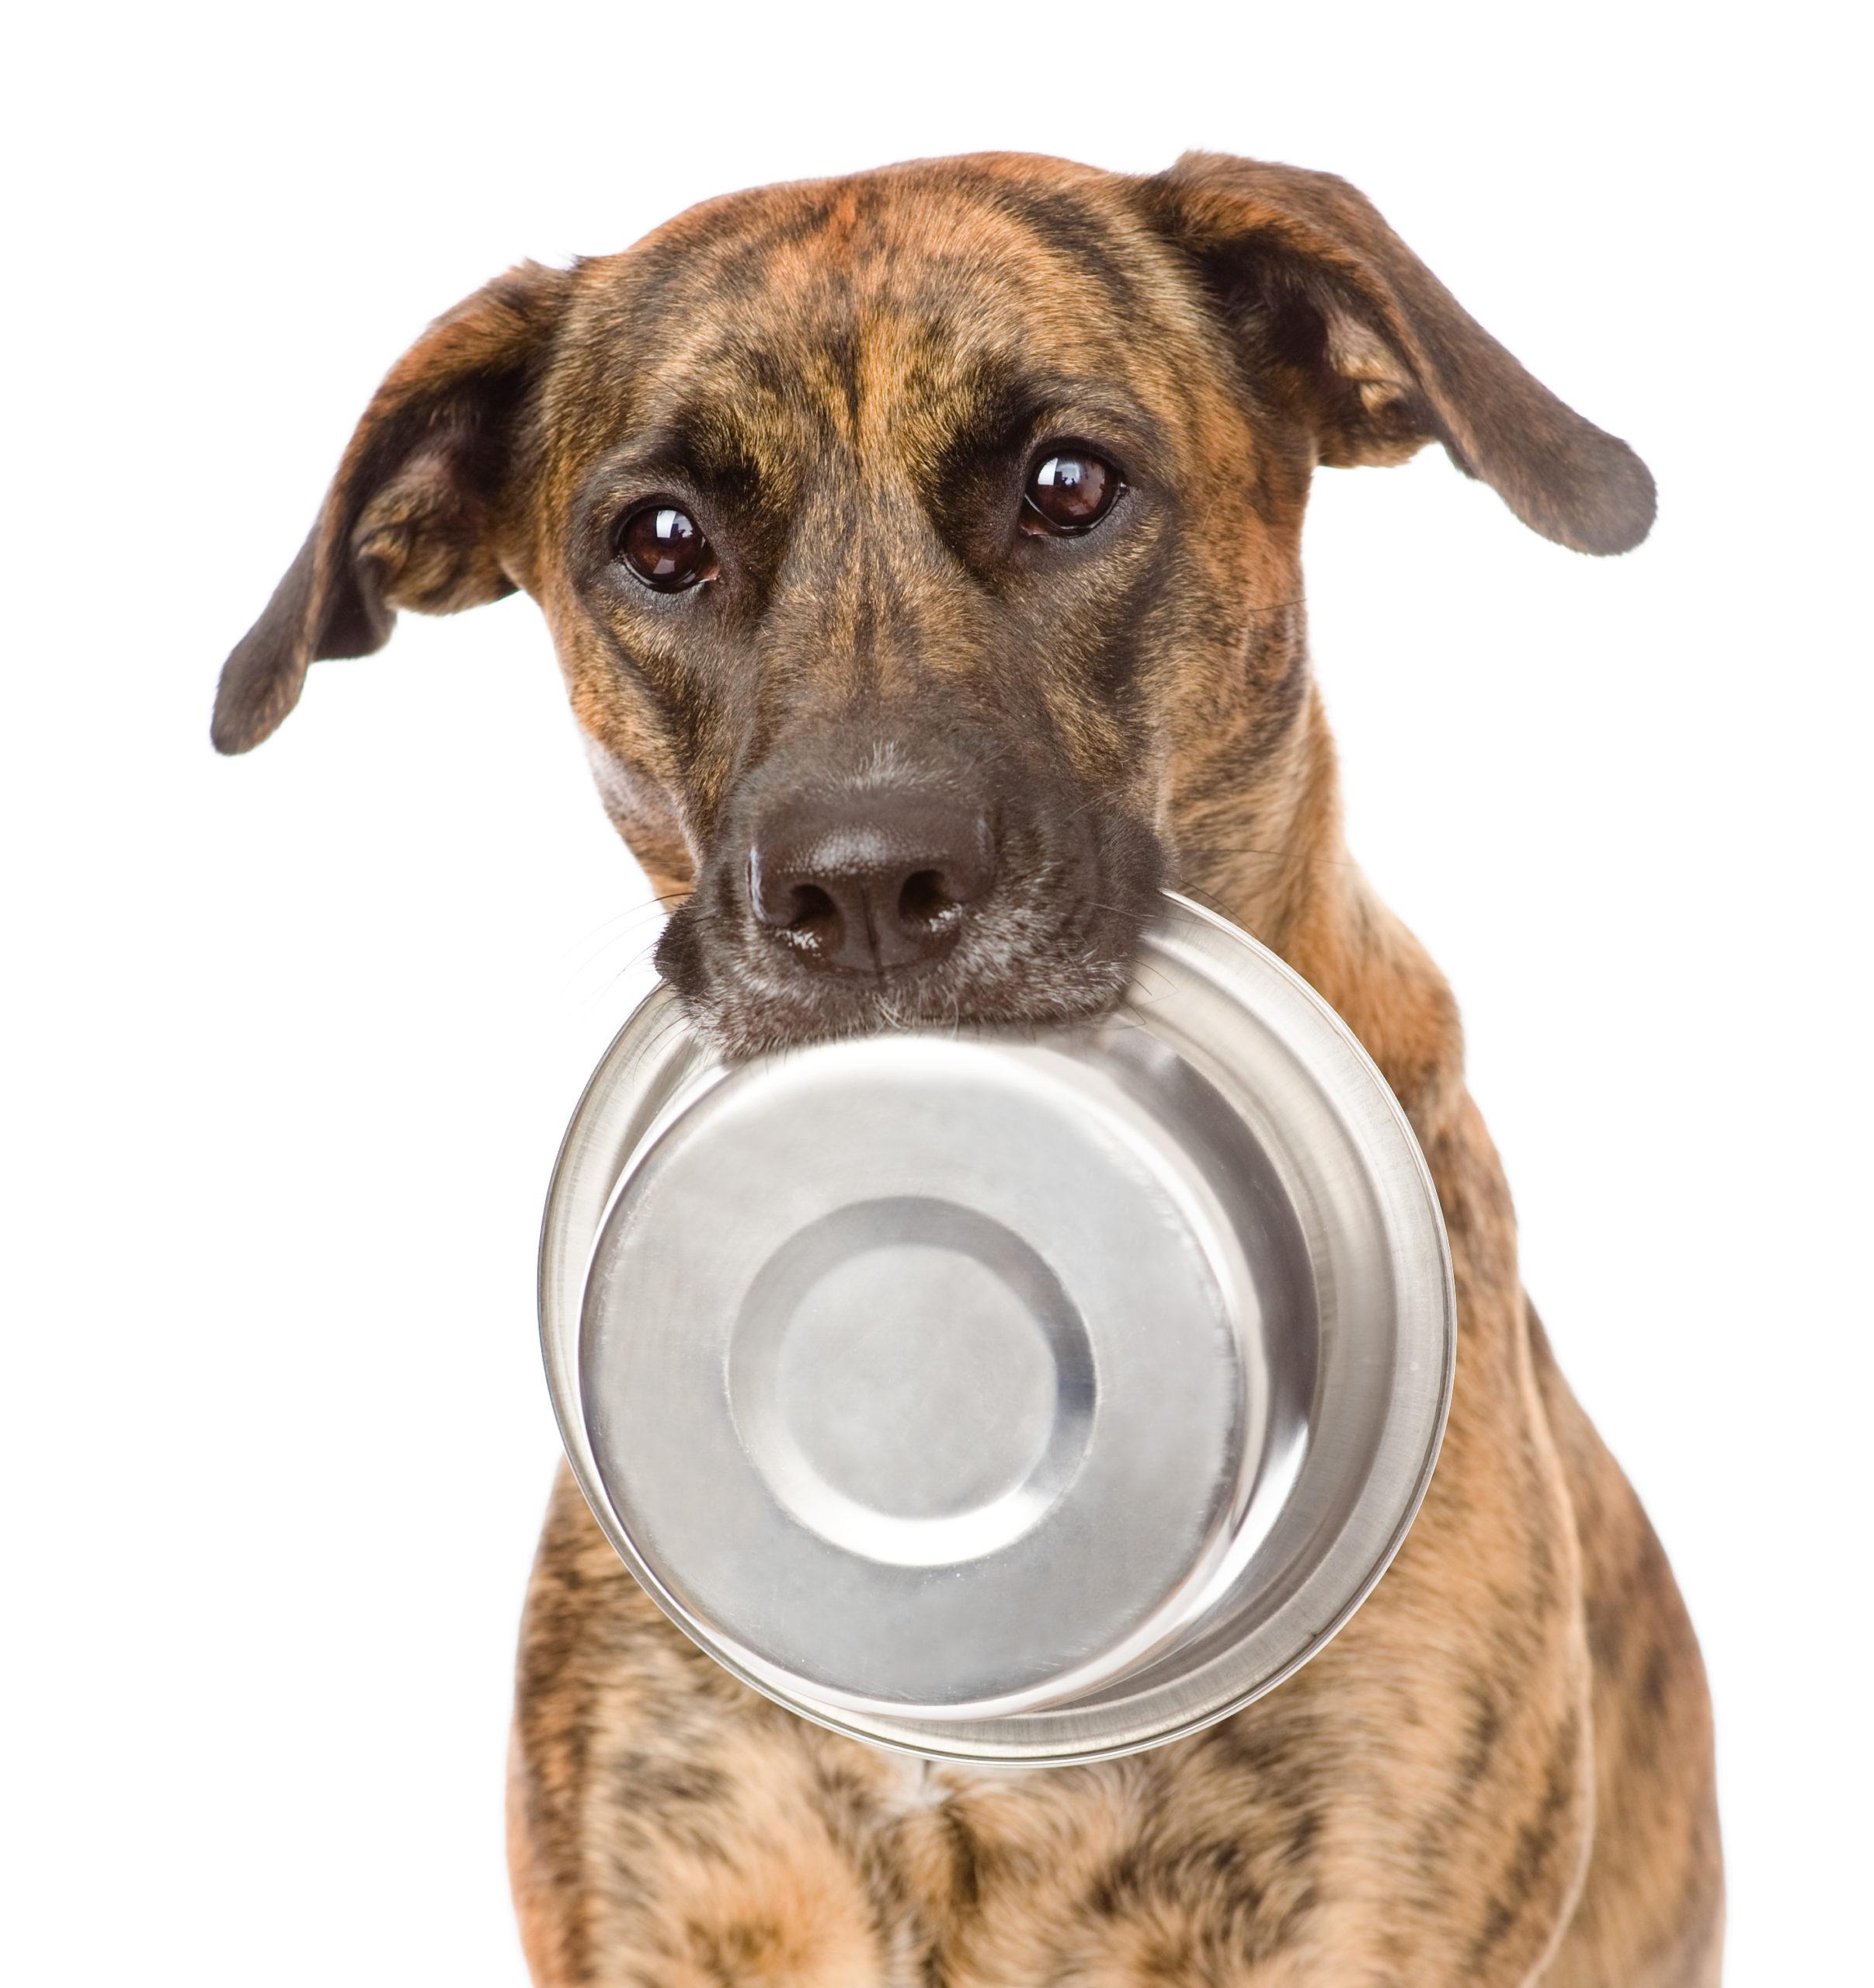 Prima mangio io e poi il cane